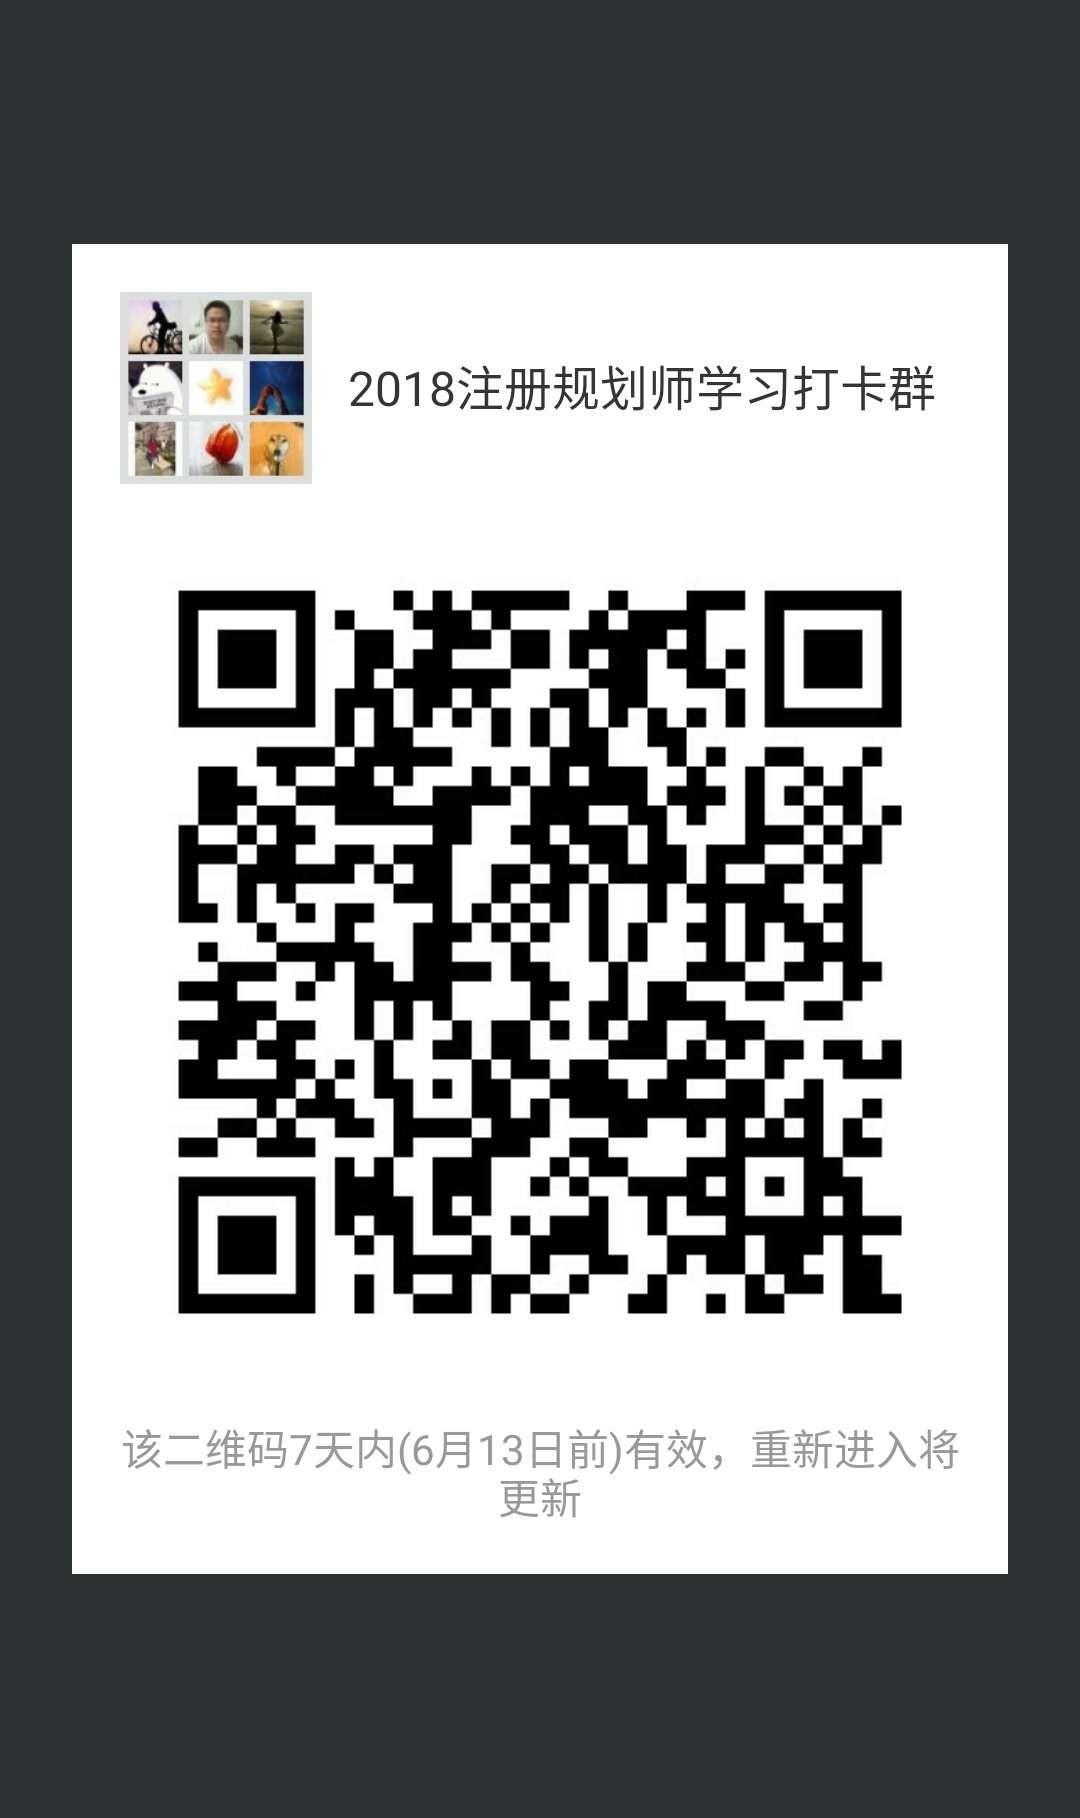 微信图片_20180606091113.jpg